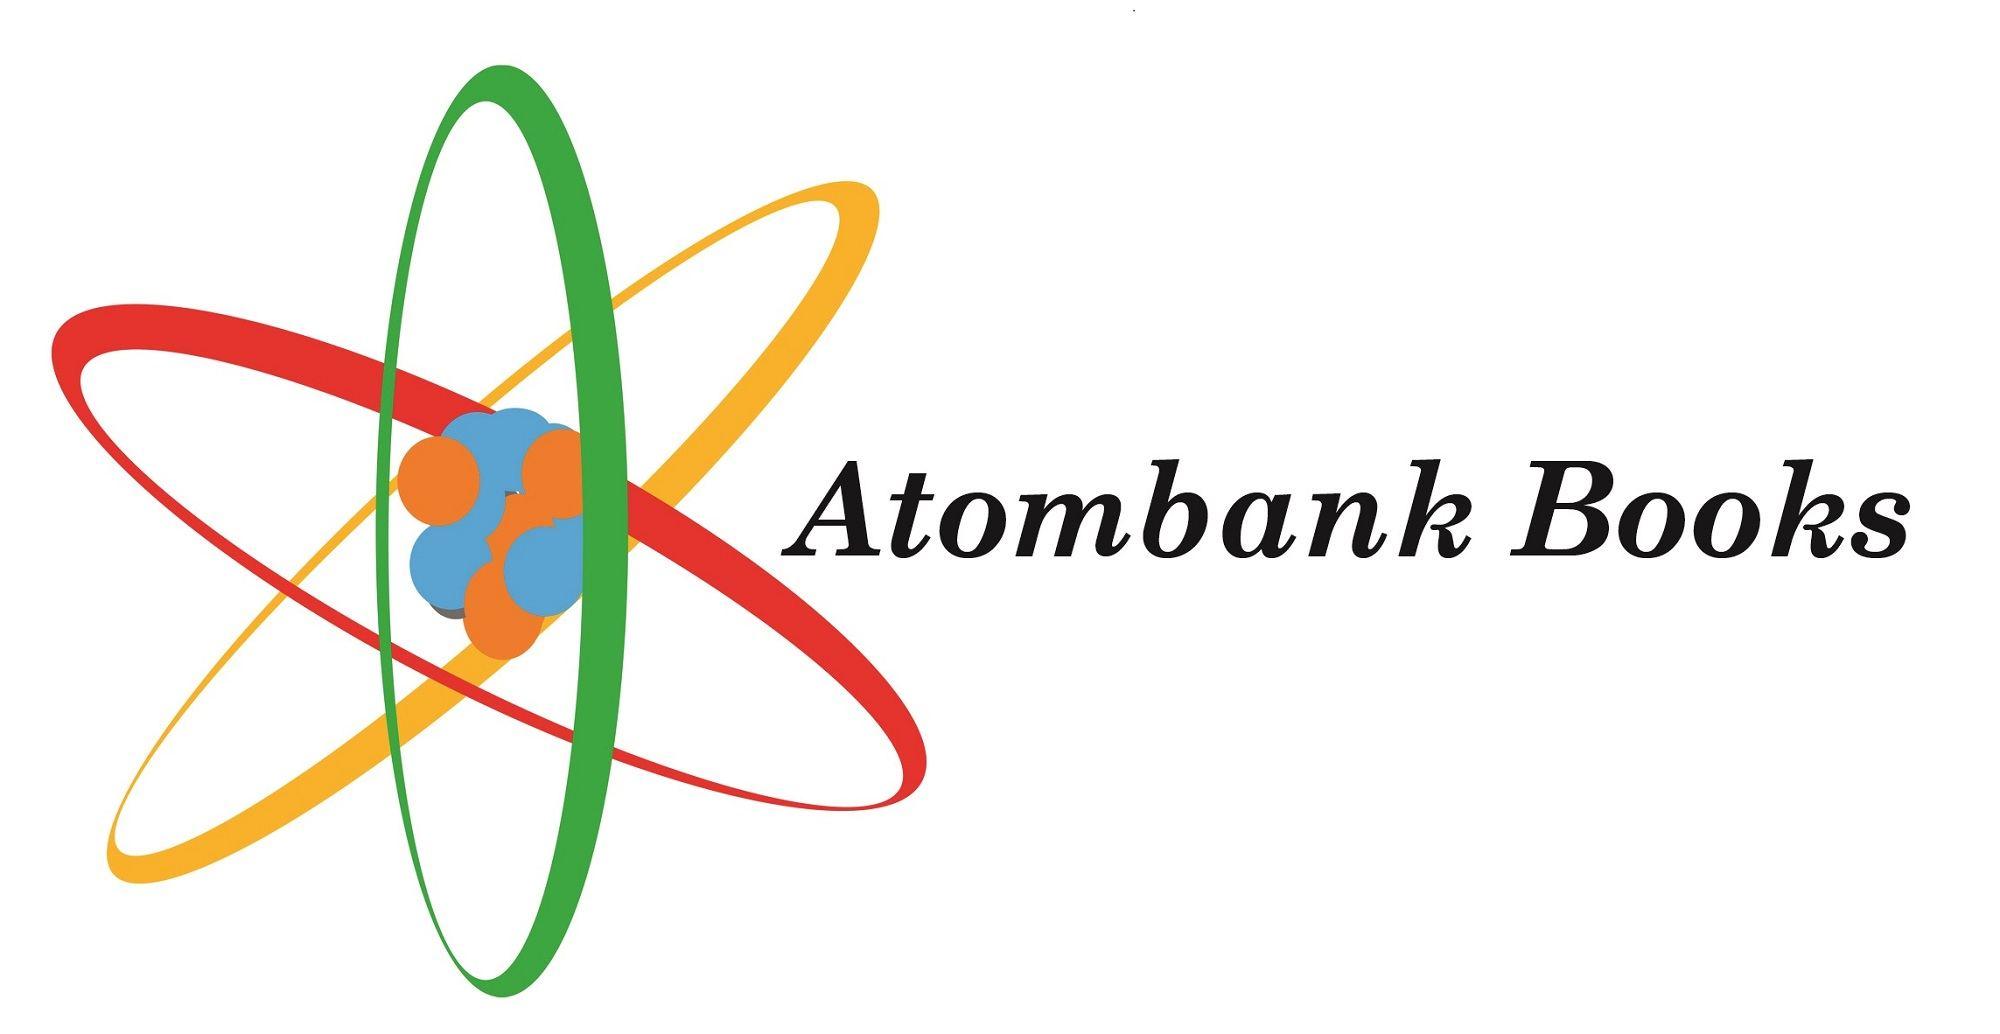 atombankbooks.com